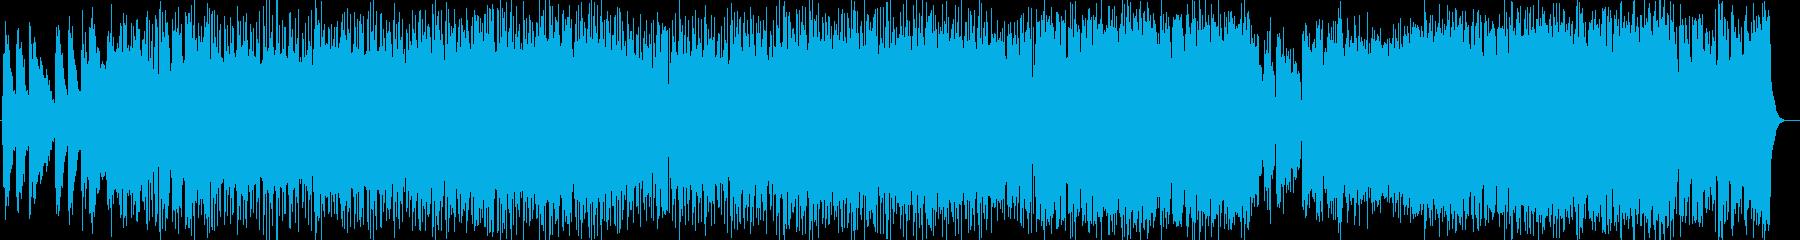 ドラマチック系シンセサイザーサウンドの再生済みの波形